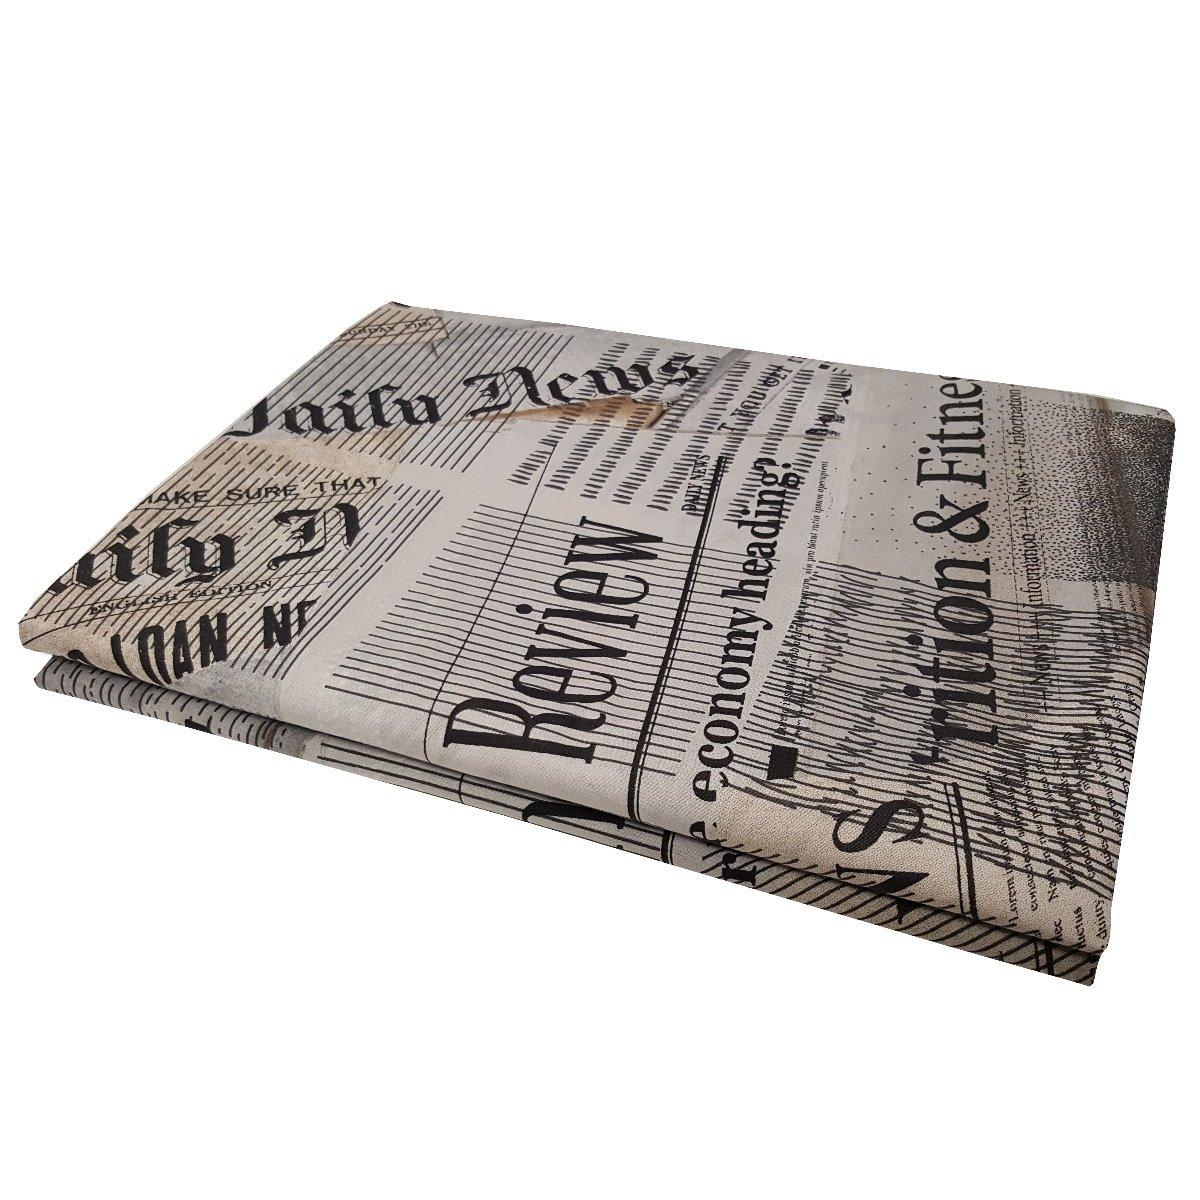 Vendita di biancheria teli copritutto in cotone made in italy for Telo arredo